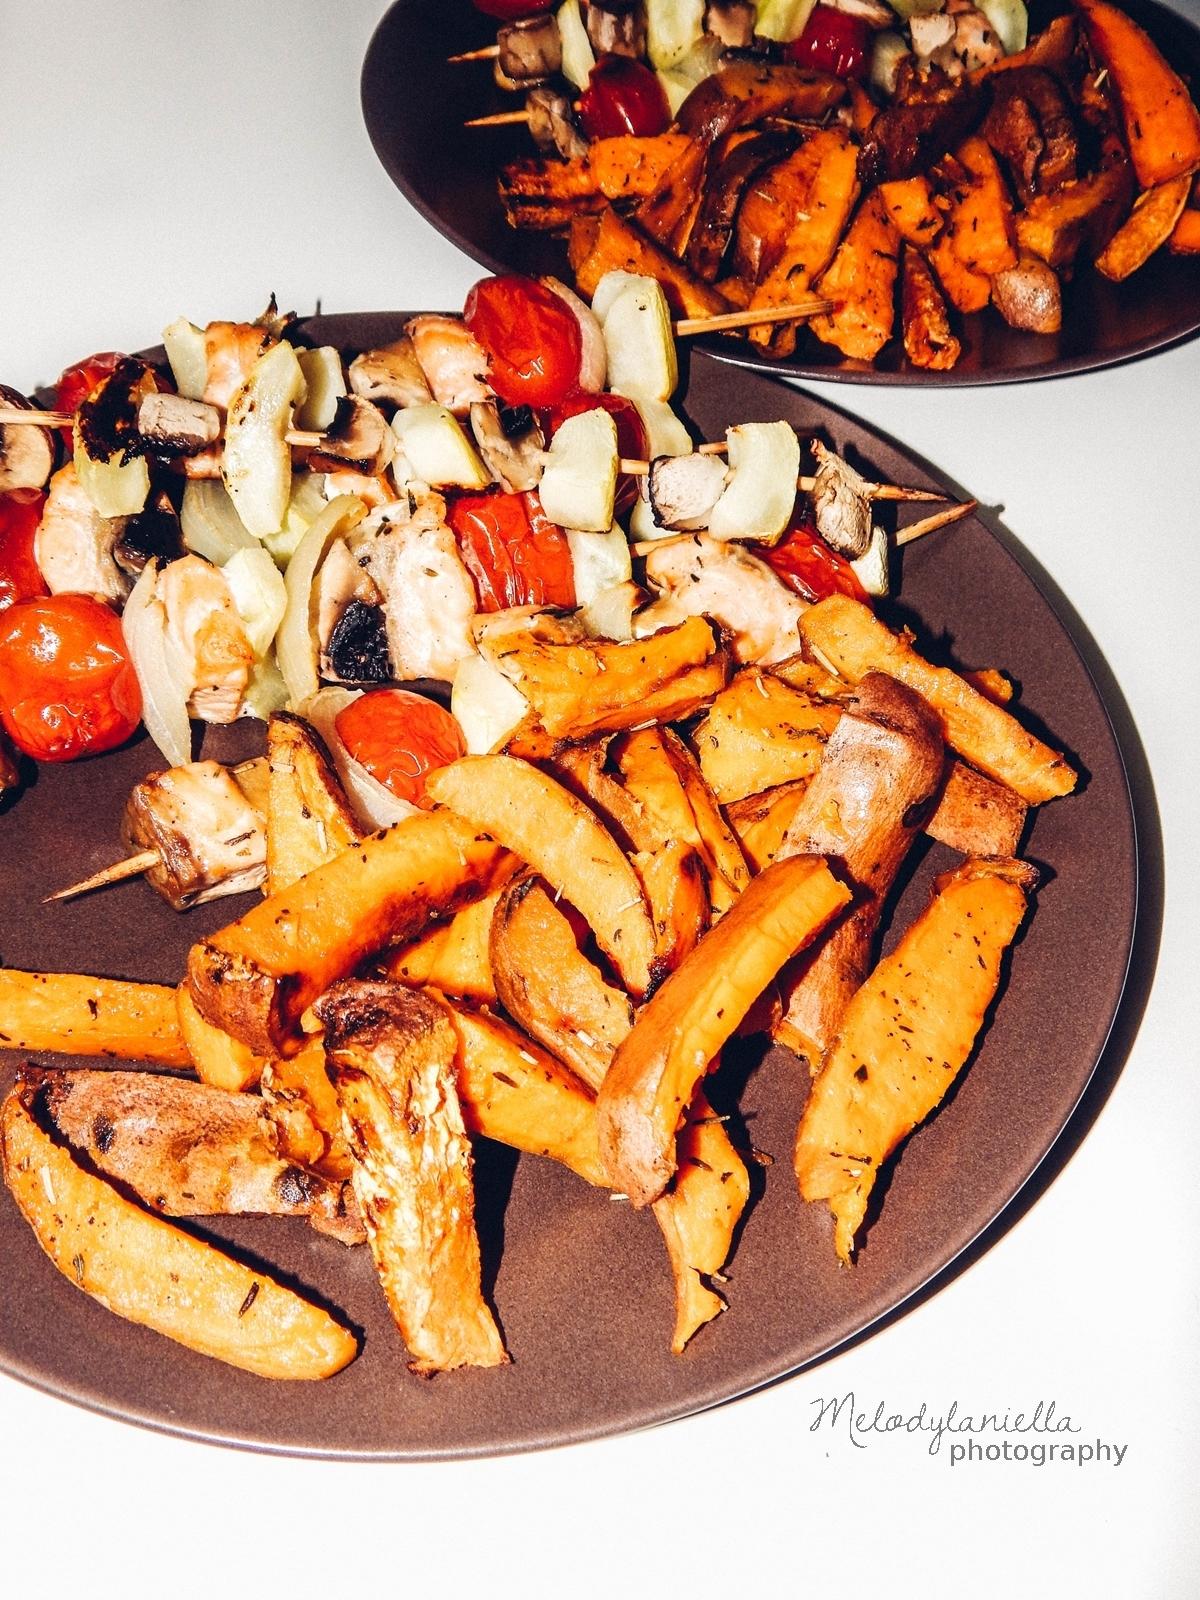 zdrowe gotowanie by ann anna lewandowska ksiazka kucharska recenzja melodylaniella jedzenie zdrowe ozywianie dieta porady fit health sportowa dieta.jpg szaszlyki z lososiem frytki z batatow przepi